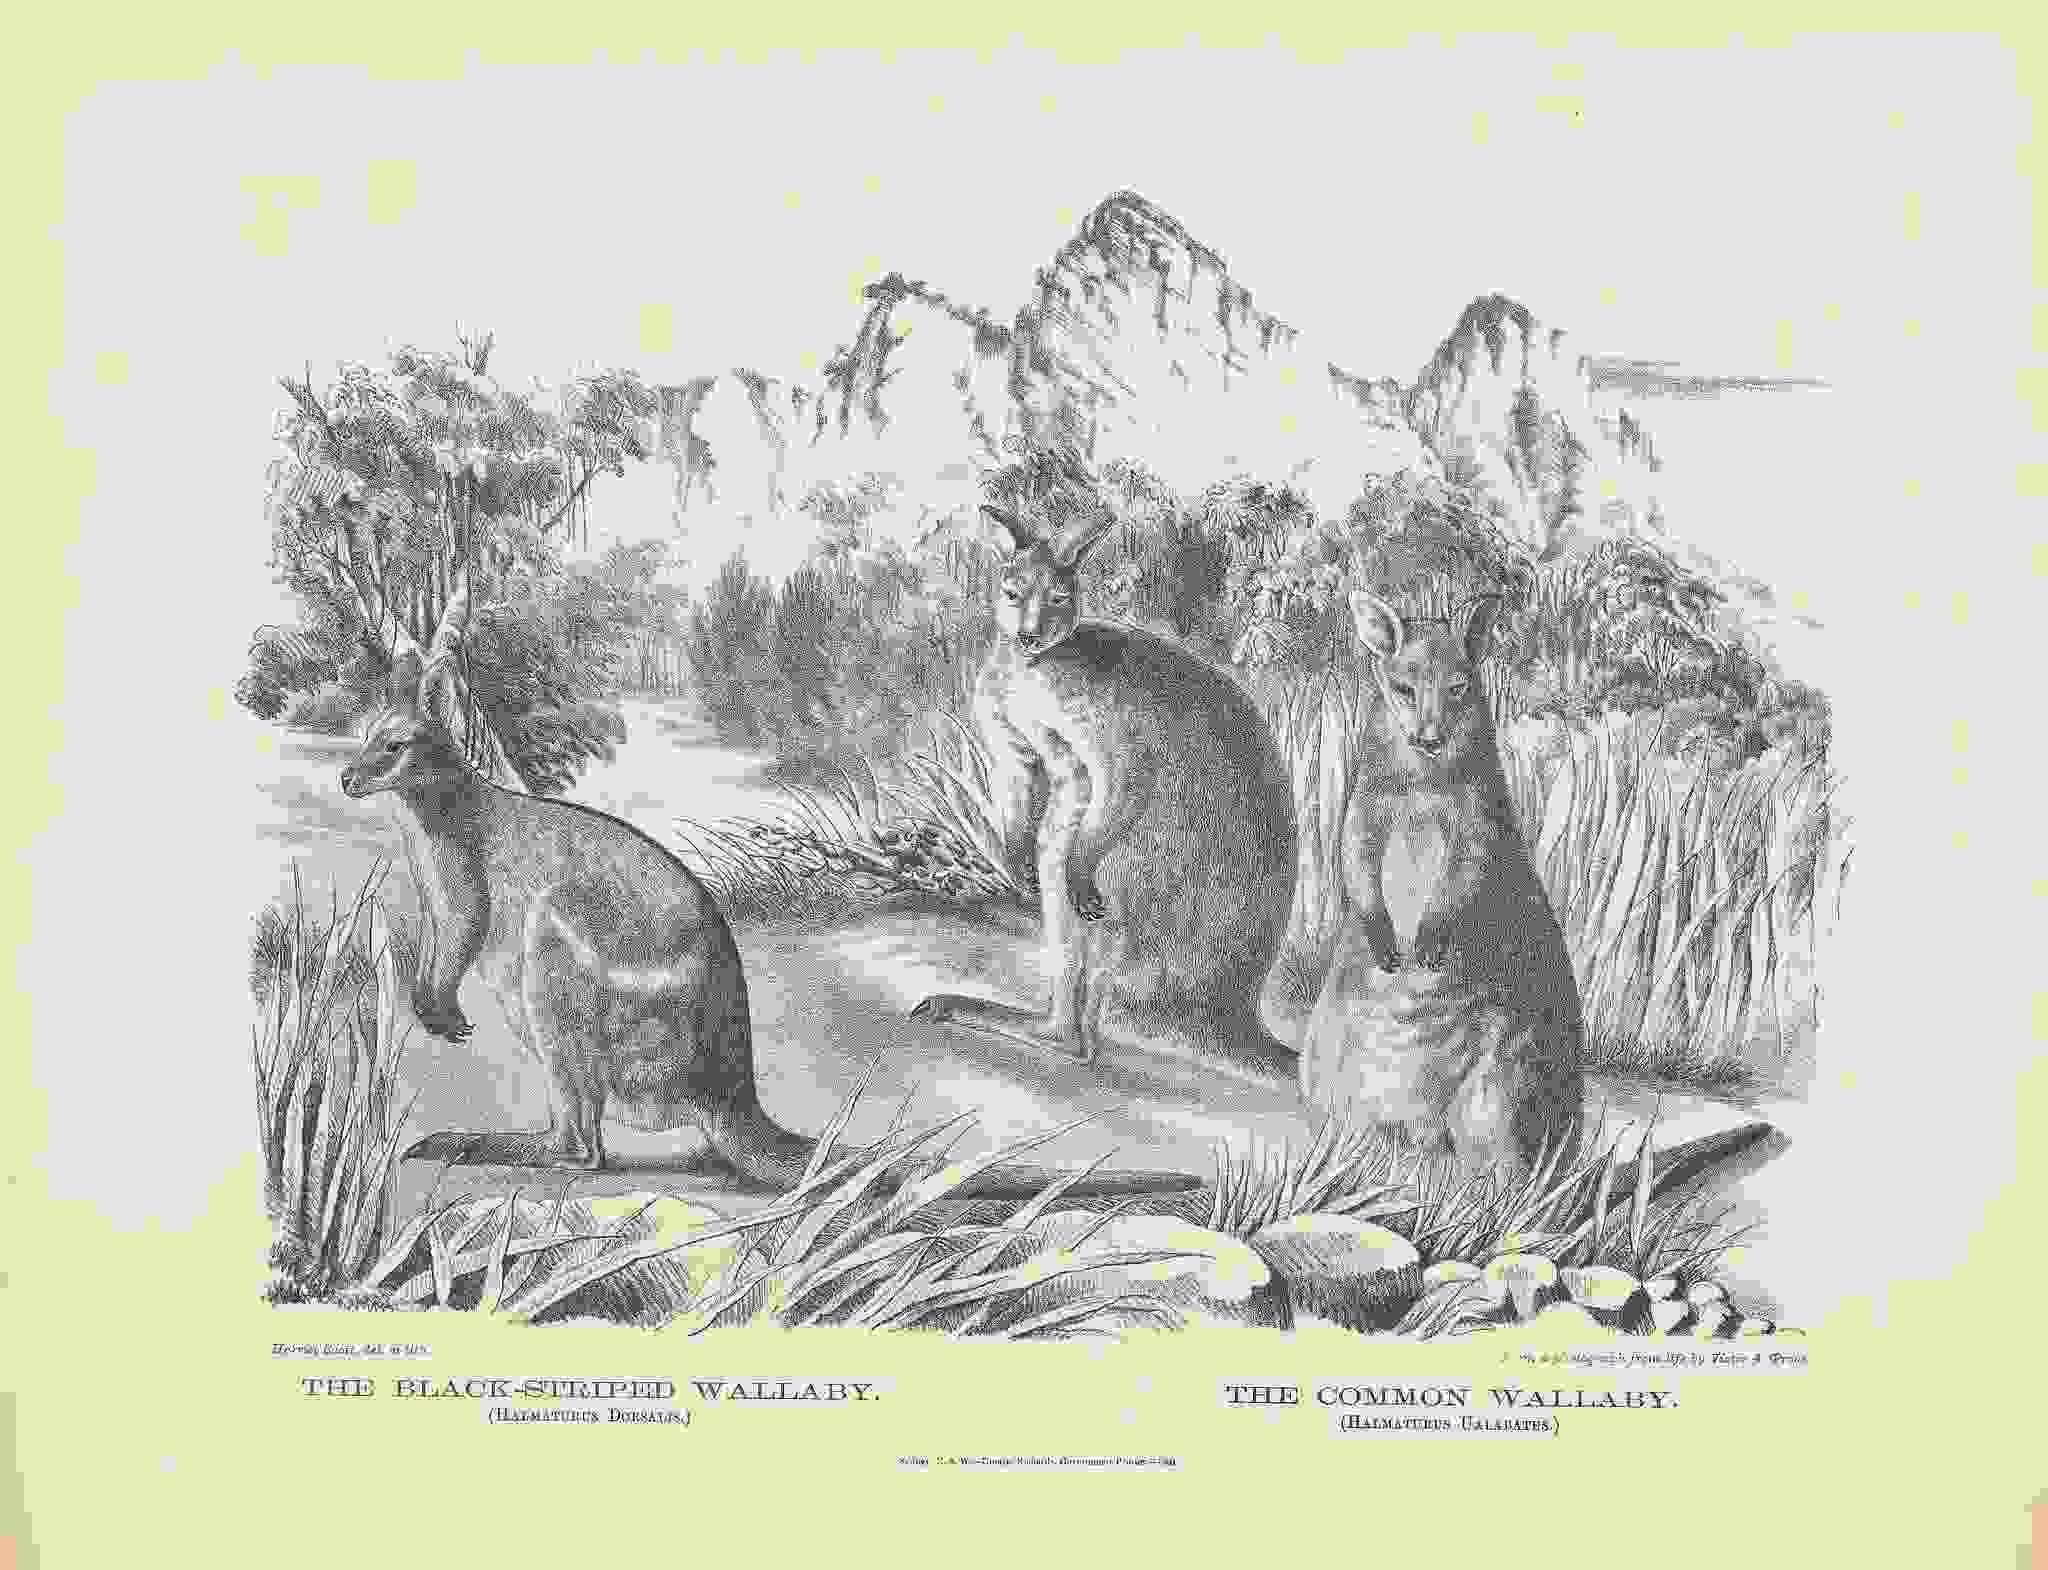 女性イラストレーターによる自然史アートの貢献_c0025115_21365699.jpg